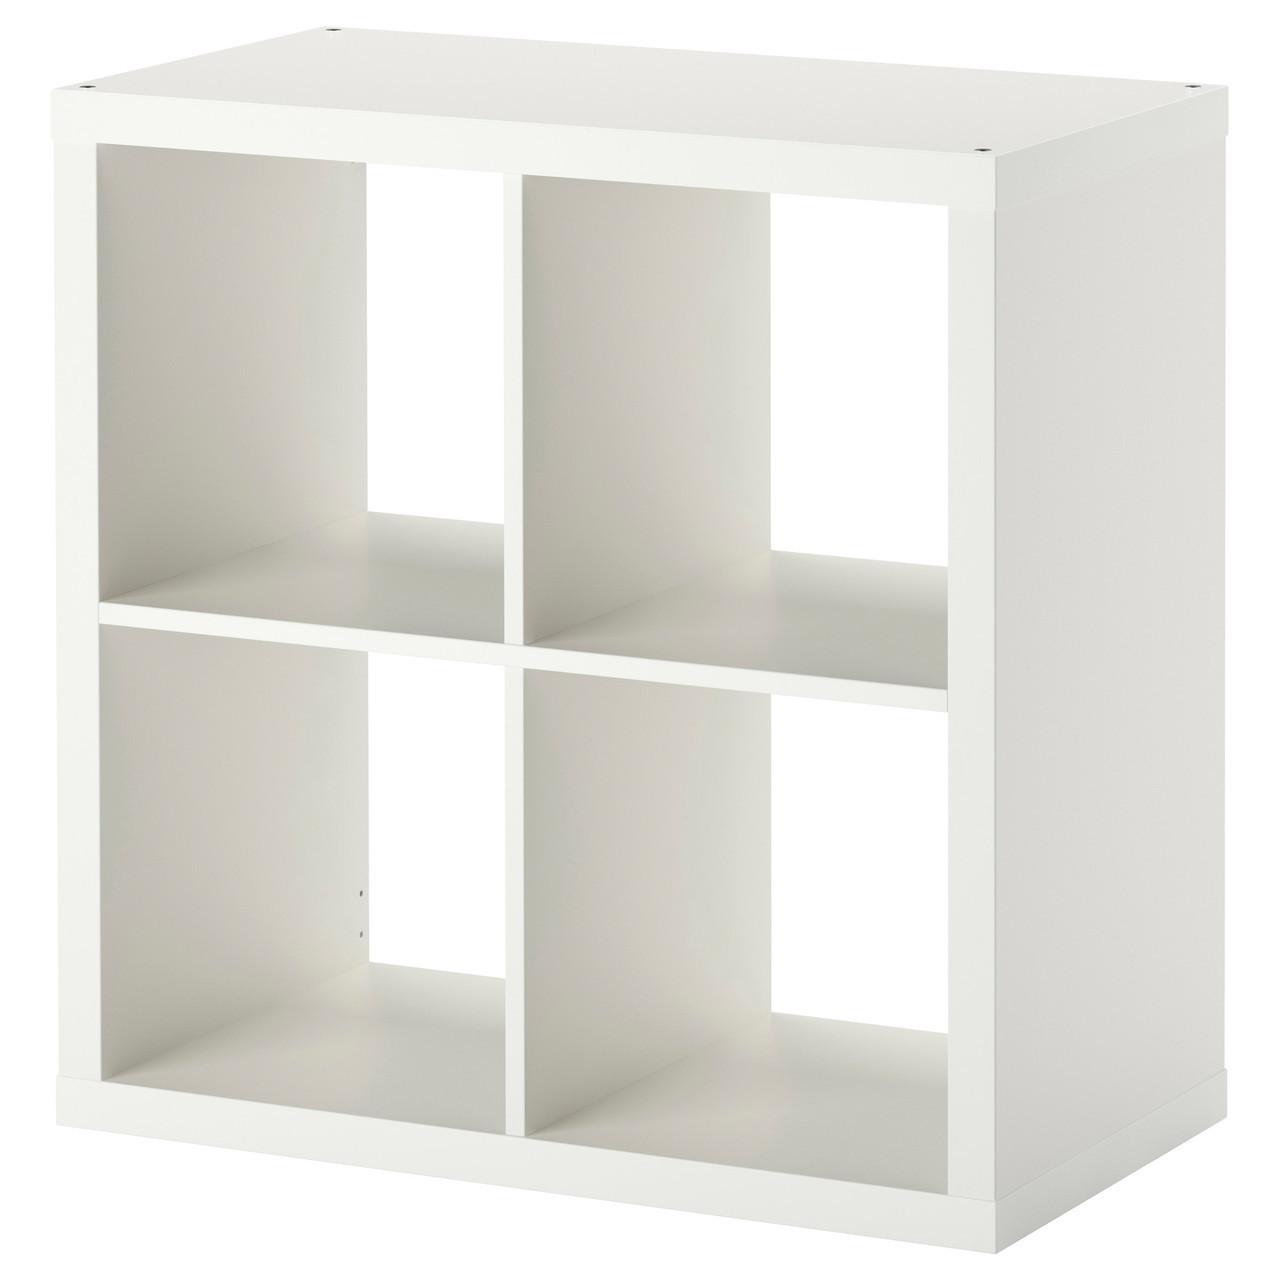 Стеллаж икеа KALLAX, белый, IKEA, 202.758.14